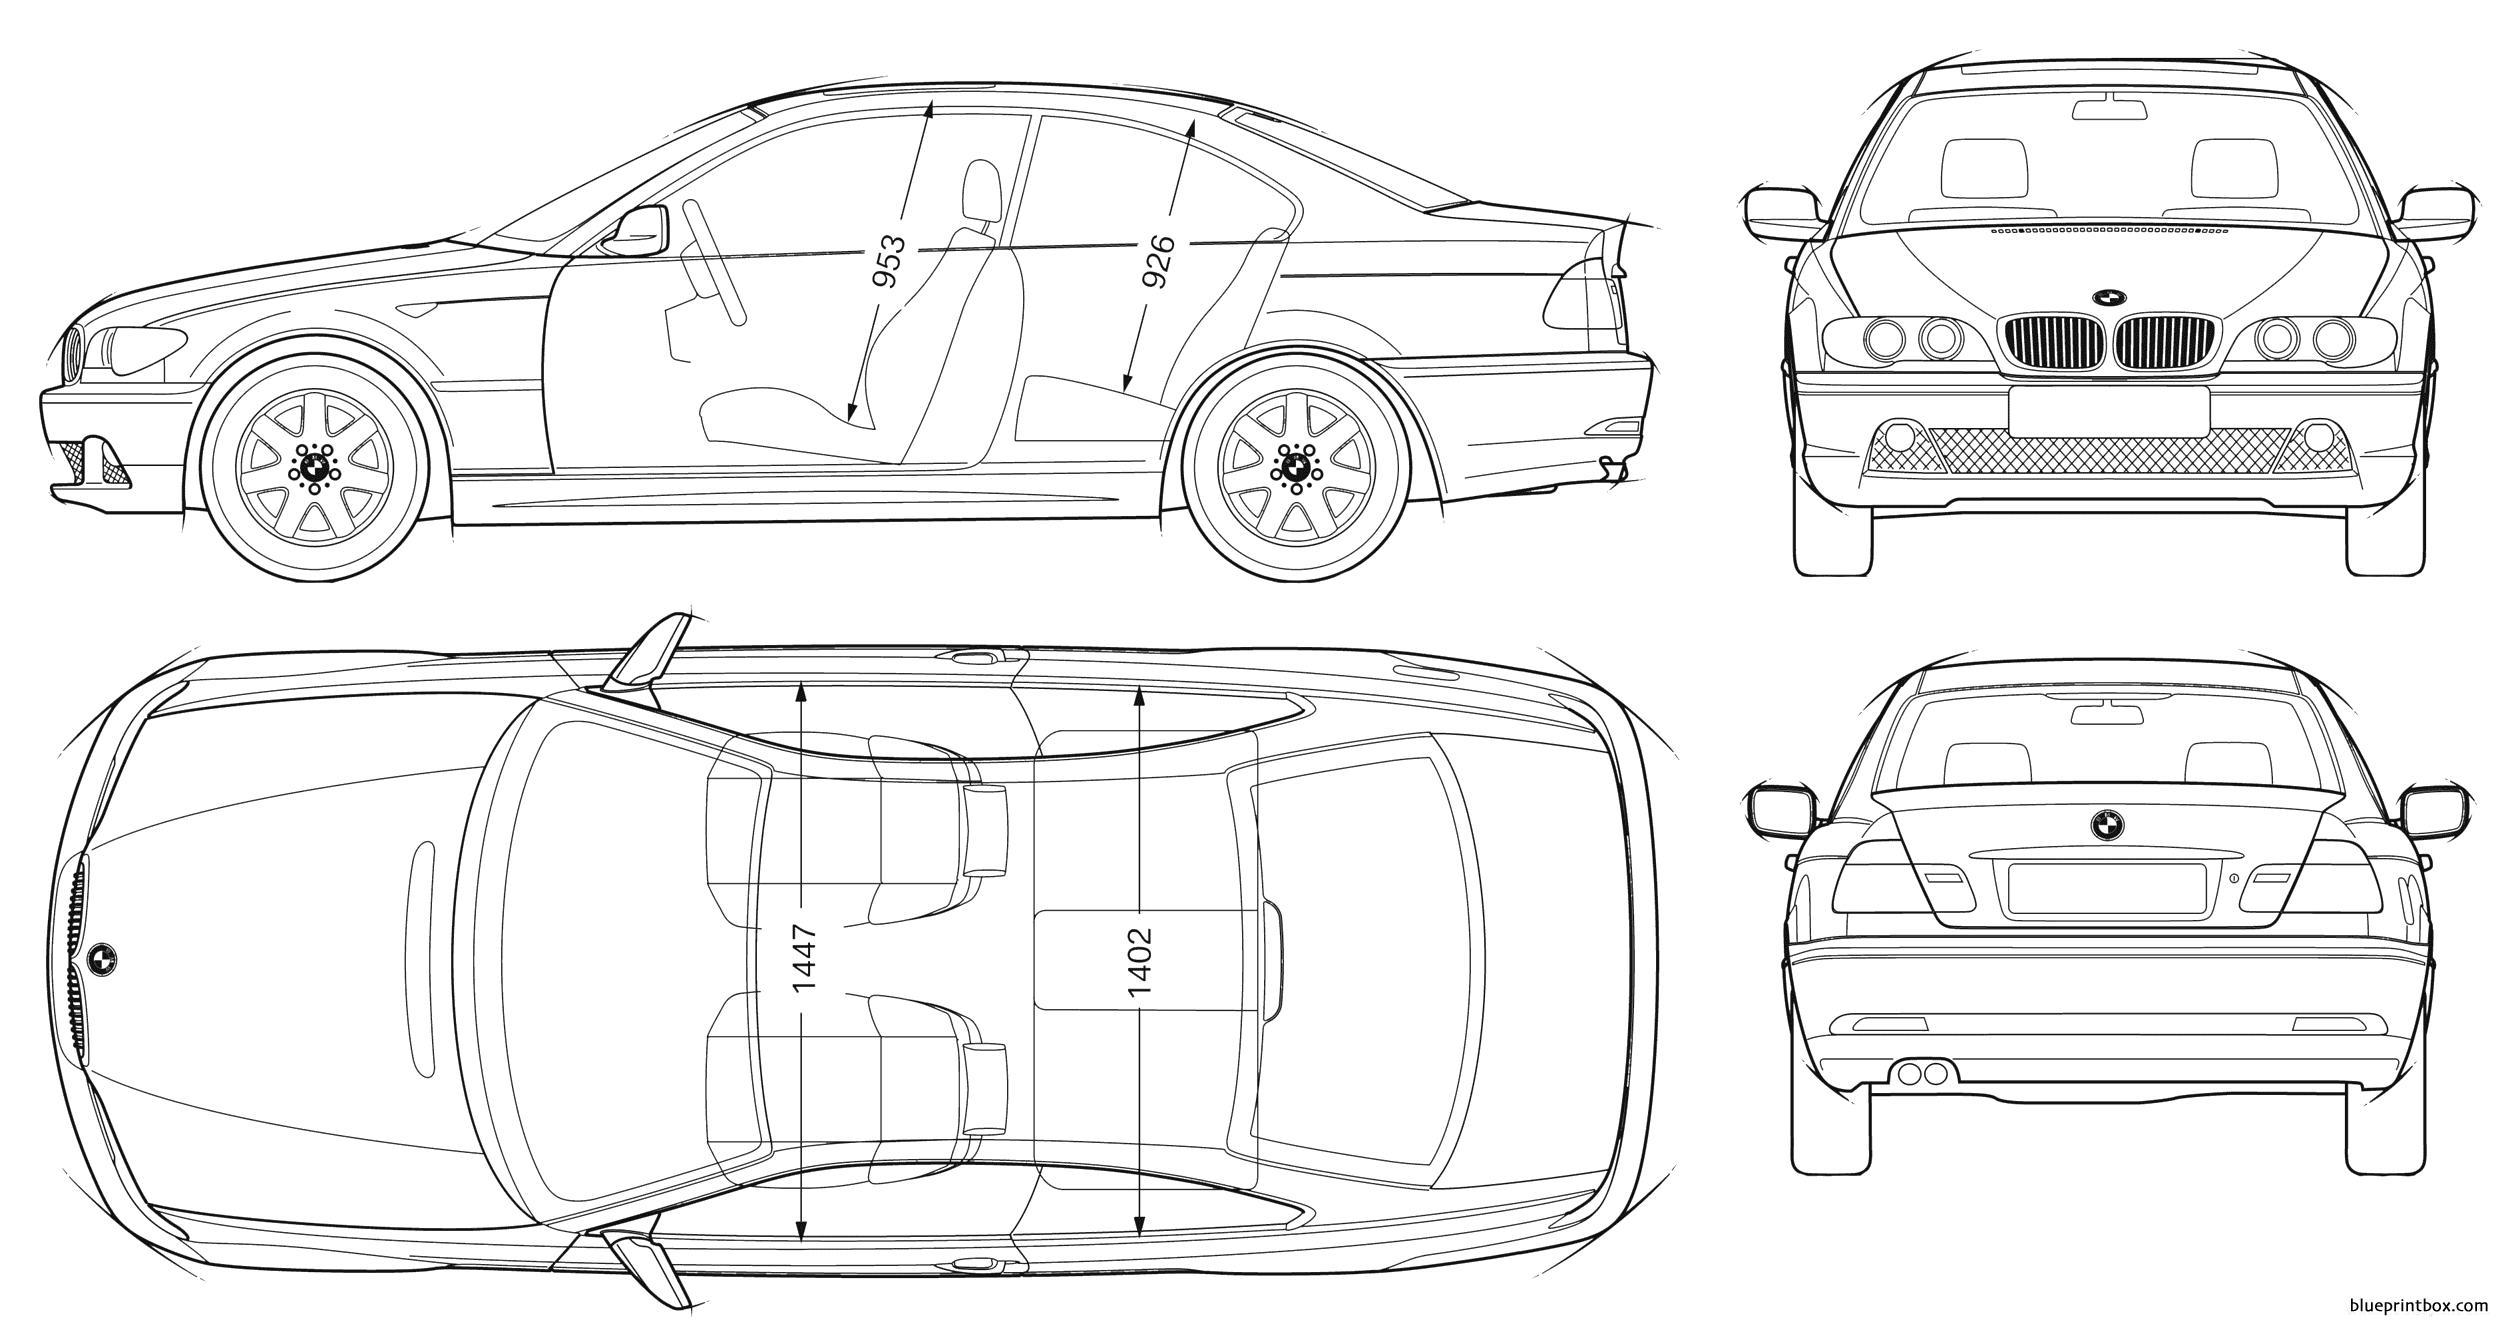 Bmw 3 Coupe E46 - Blueprintbox Com